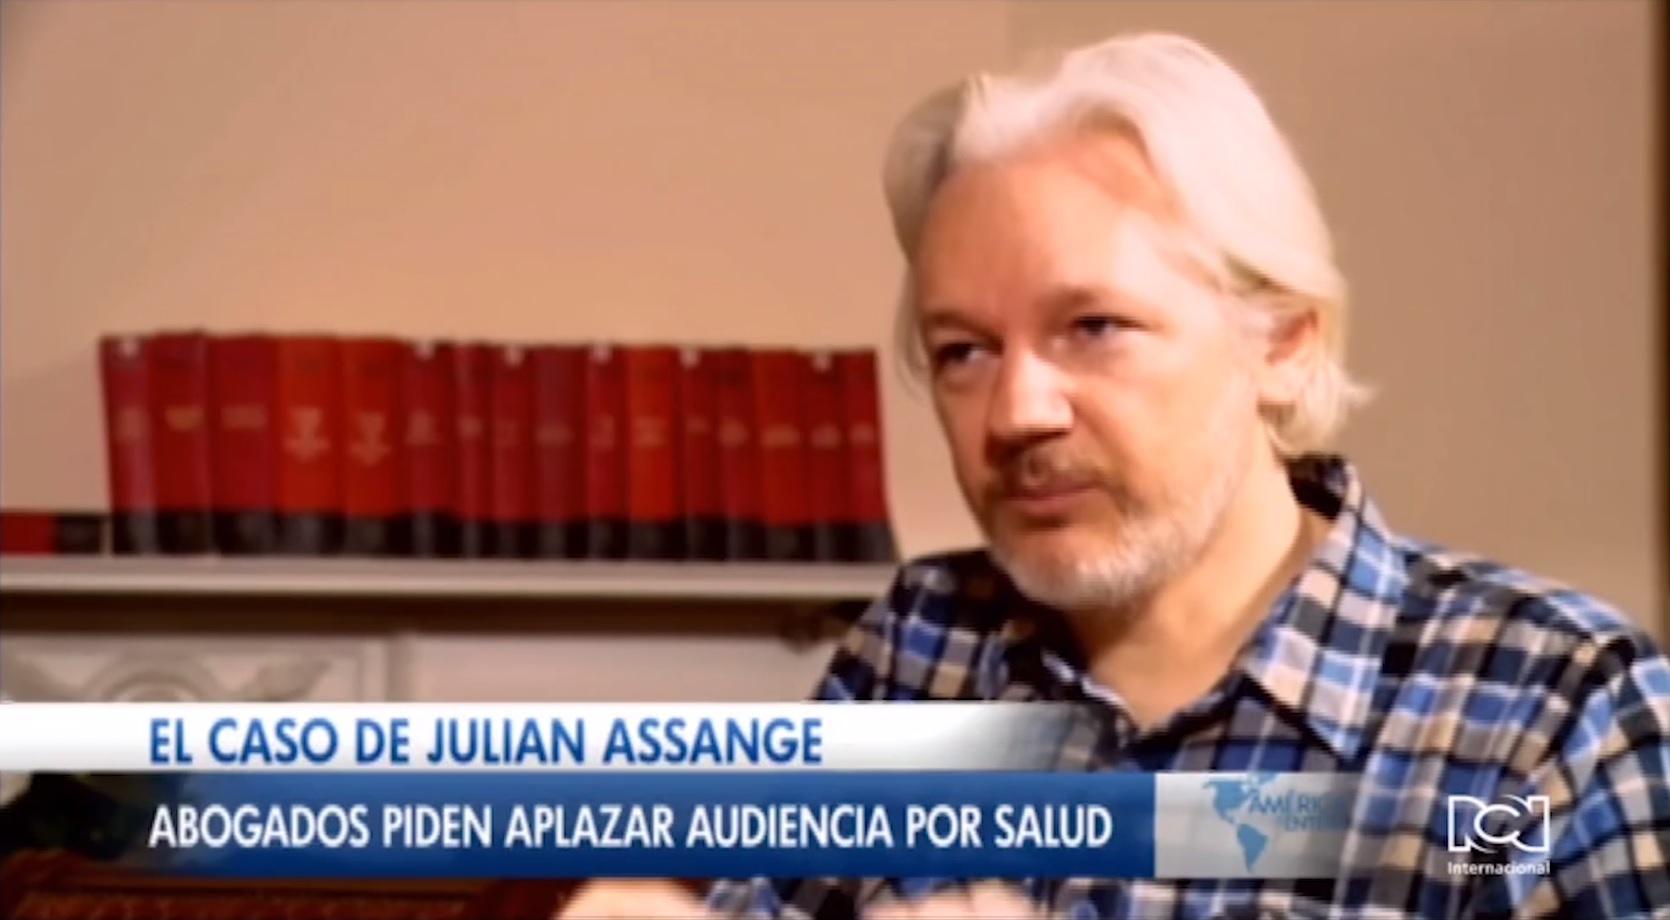 suecia-rechaza-retrasar-audiencia-contra-julian-assange.jpg